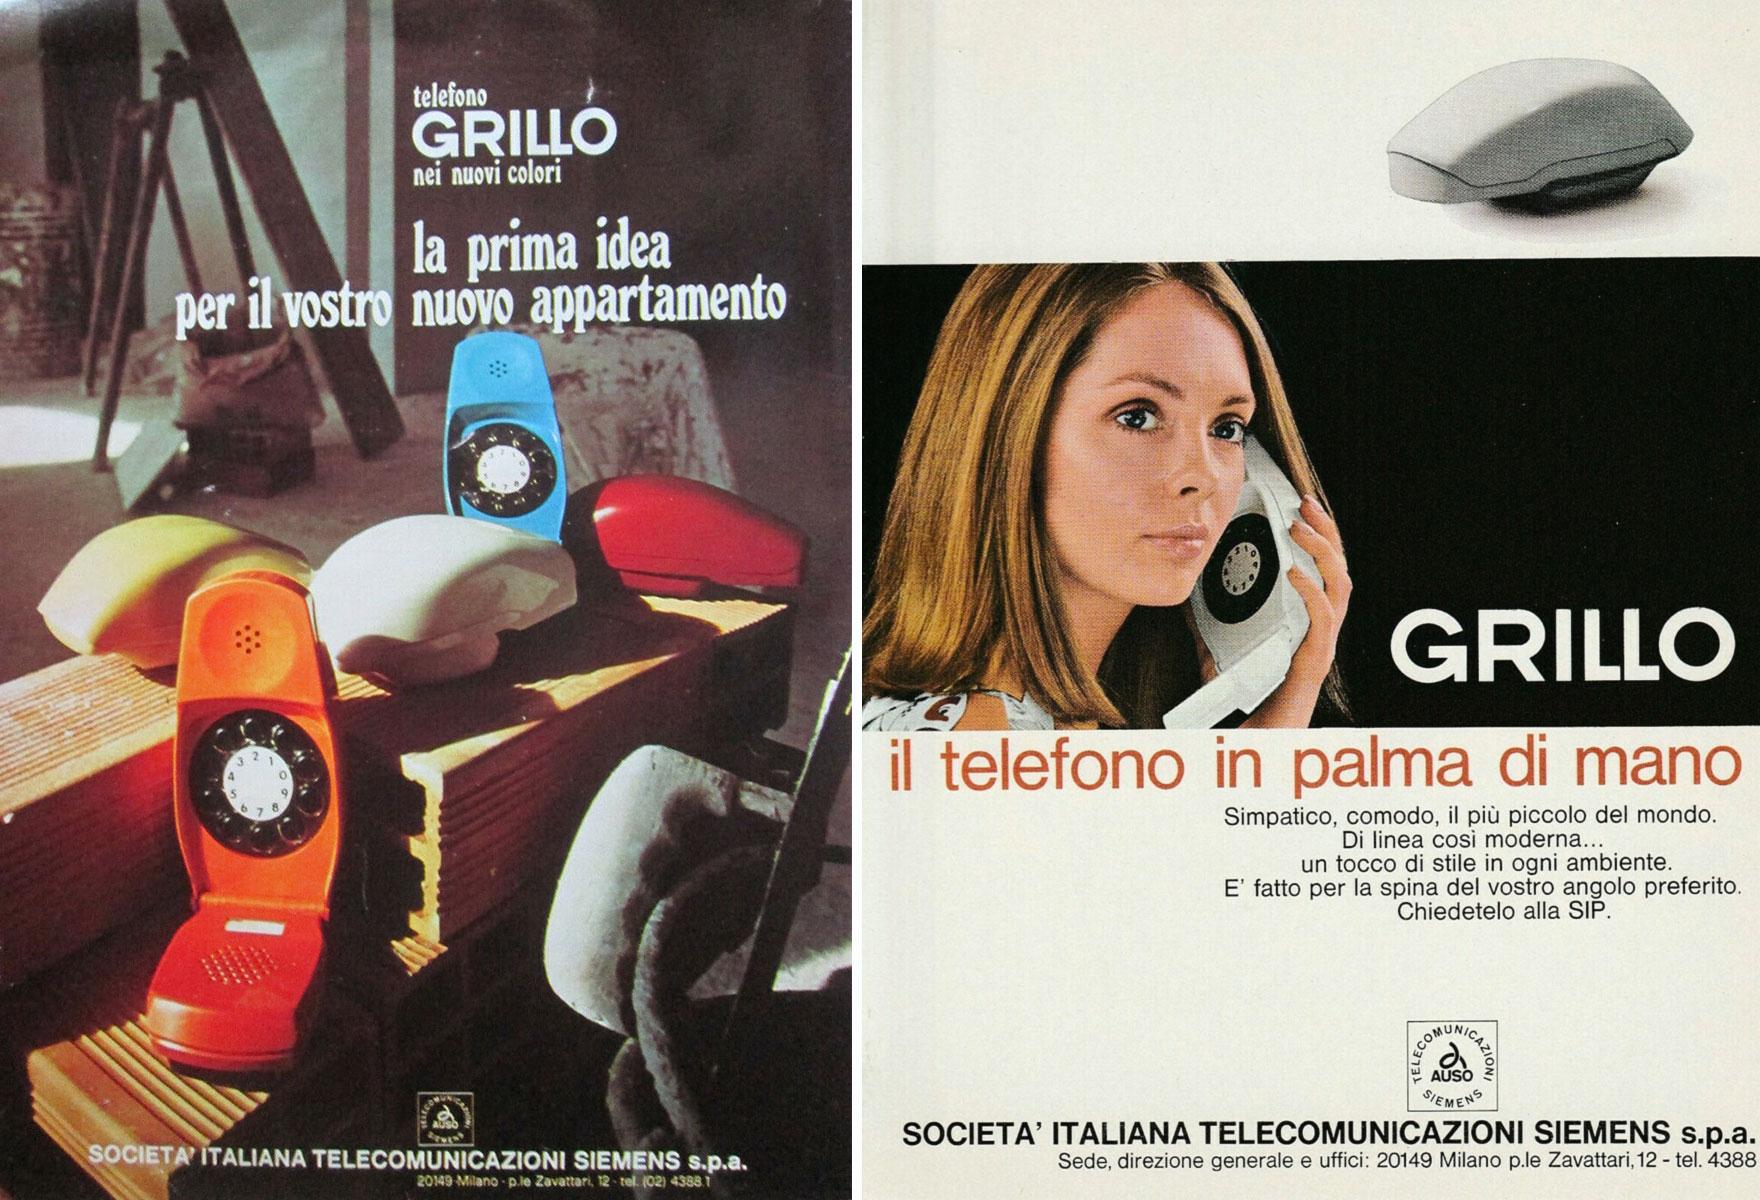 Telefono Grillo: pubblicità vintage